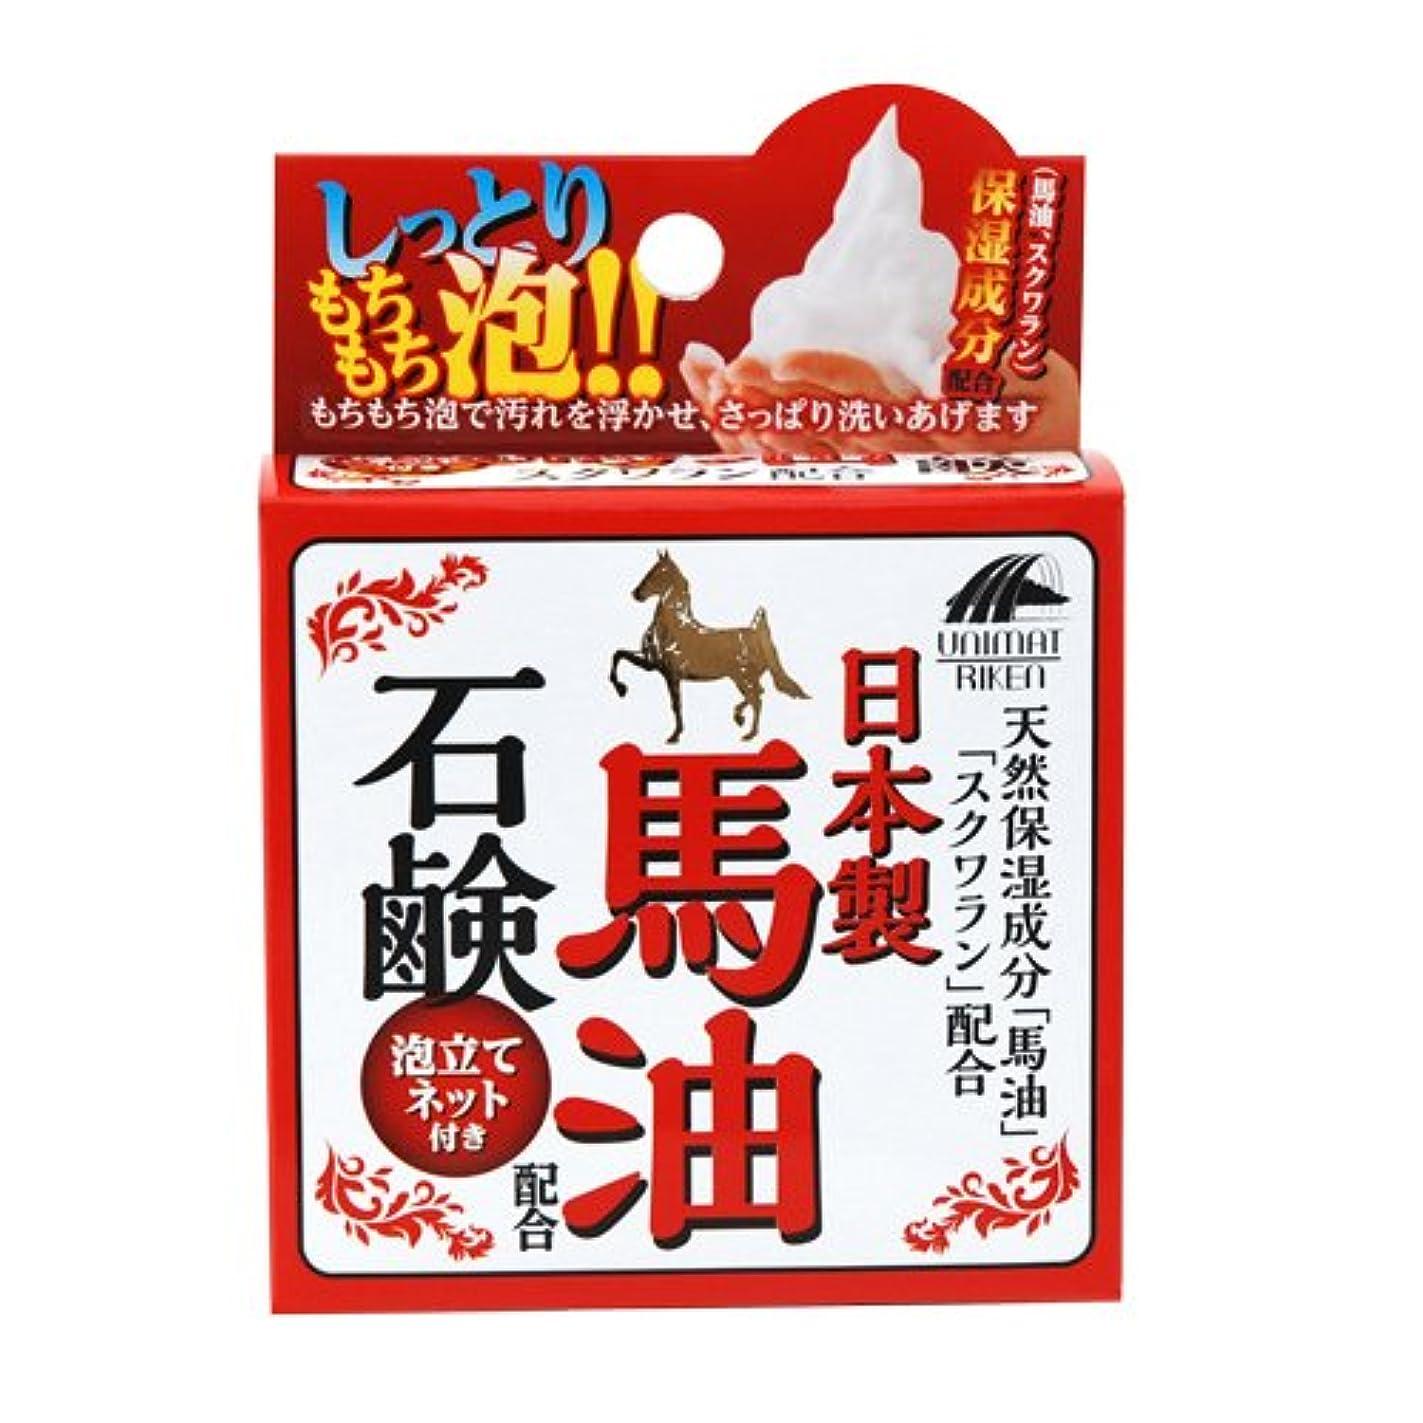 ロック解除研磨ベリユニマットリケン 日本製 馬油石鹸 100g